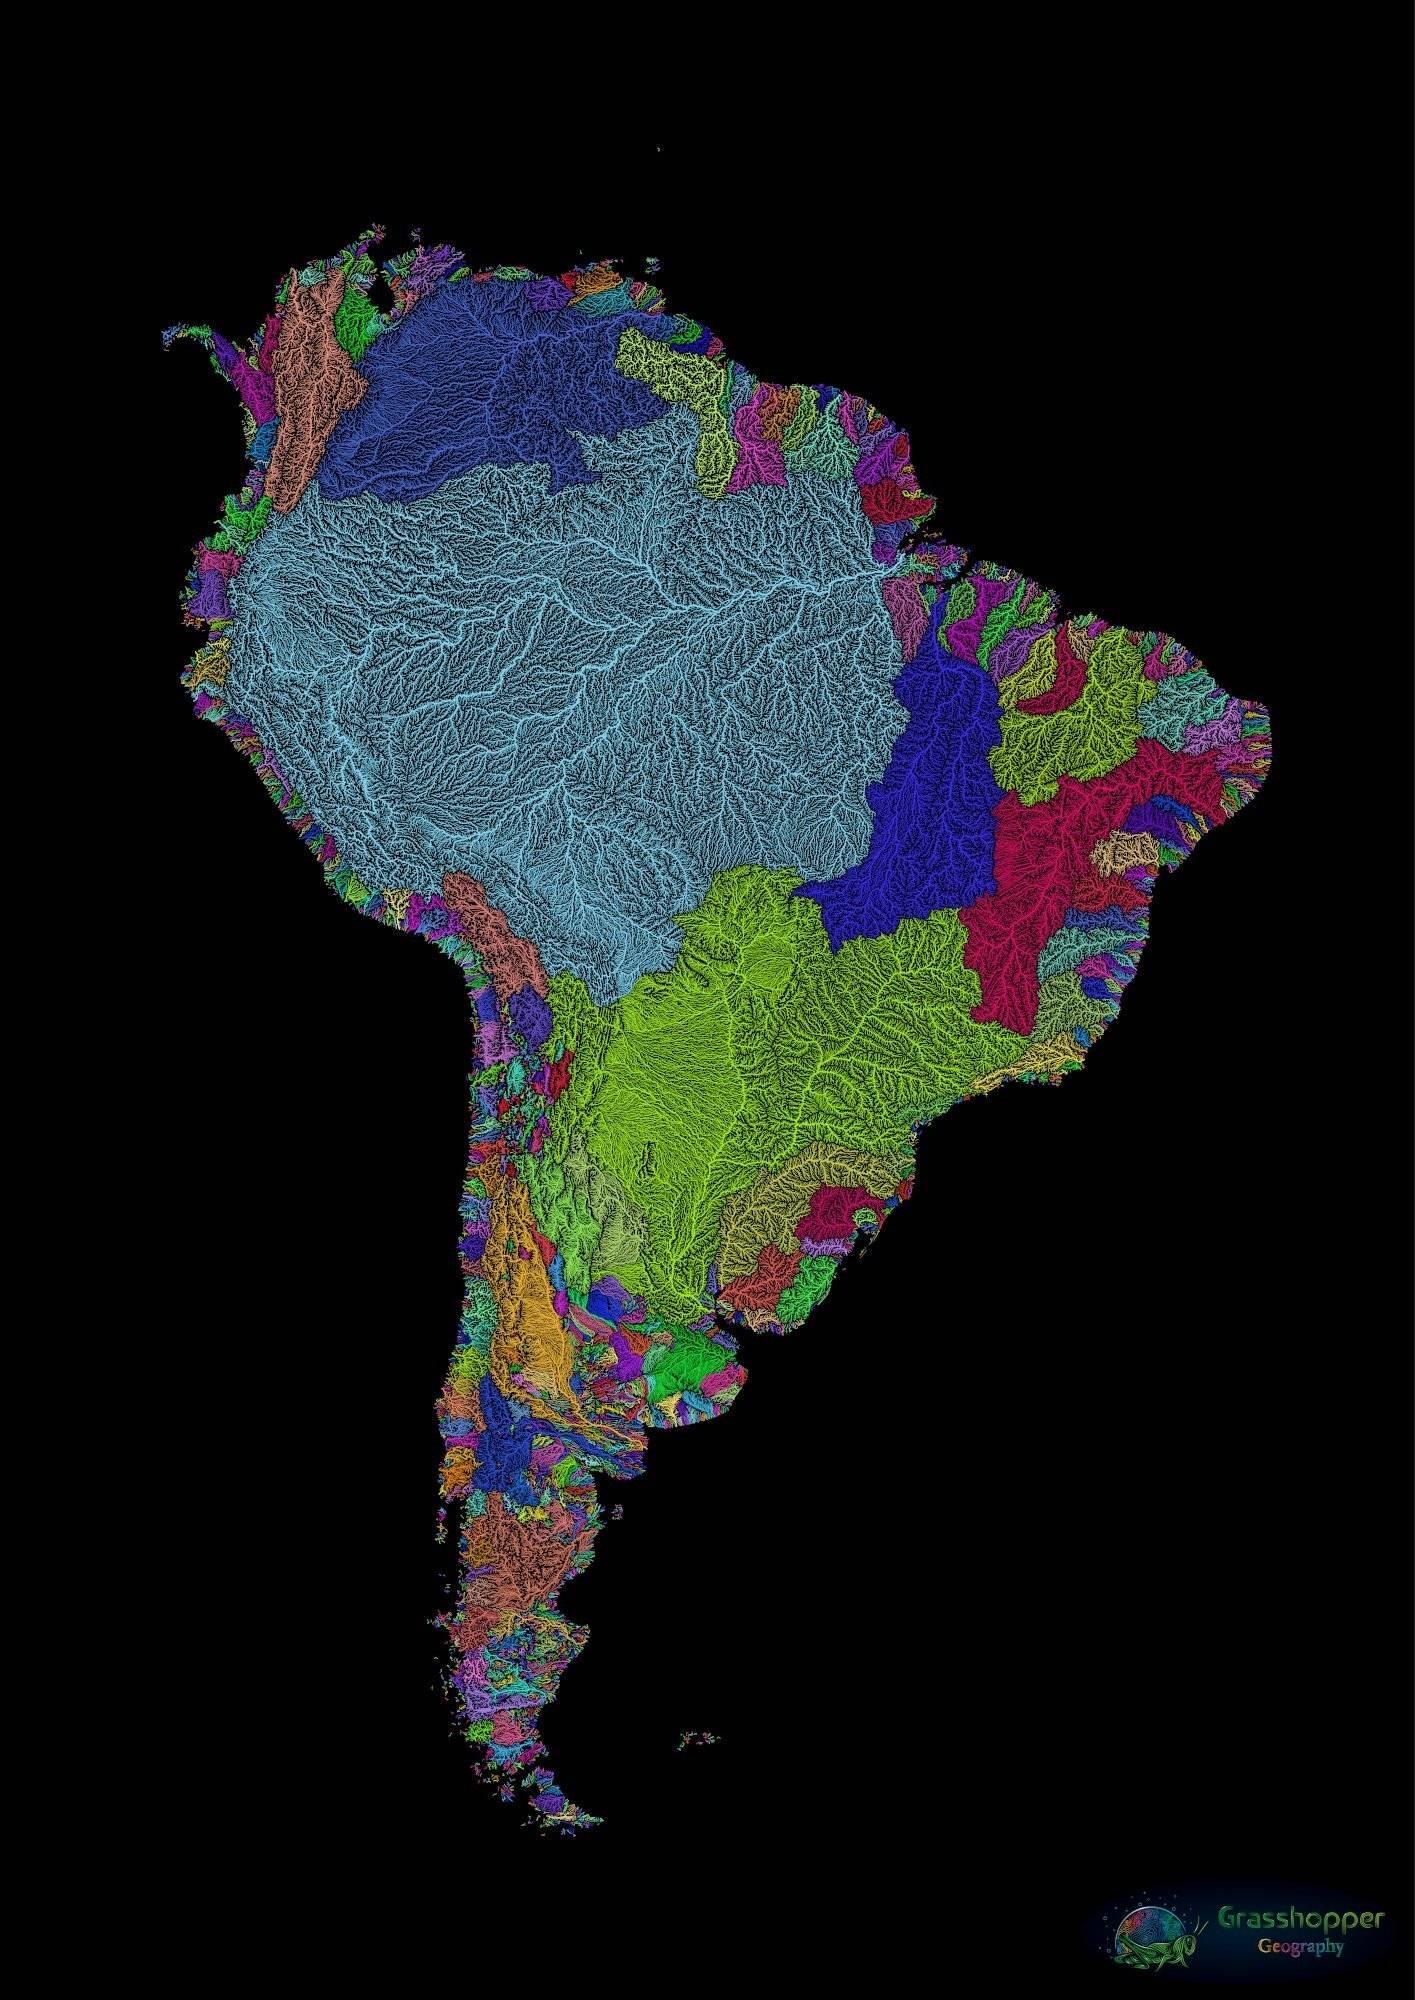 Bacia amazônica é destaque em mapa da América do Sul